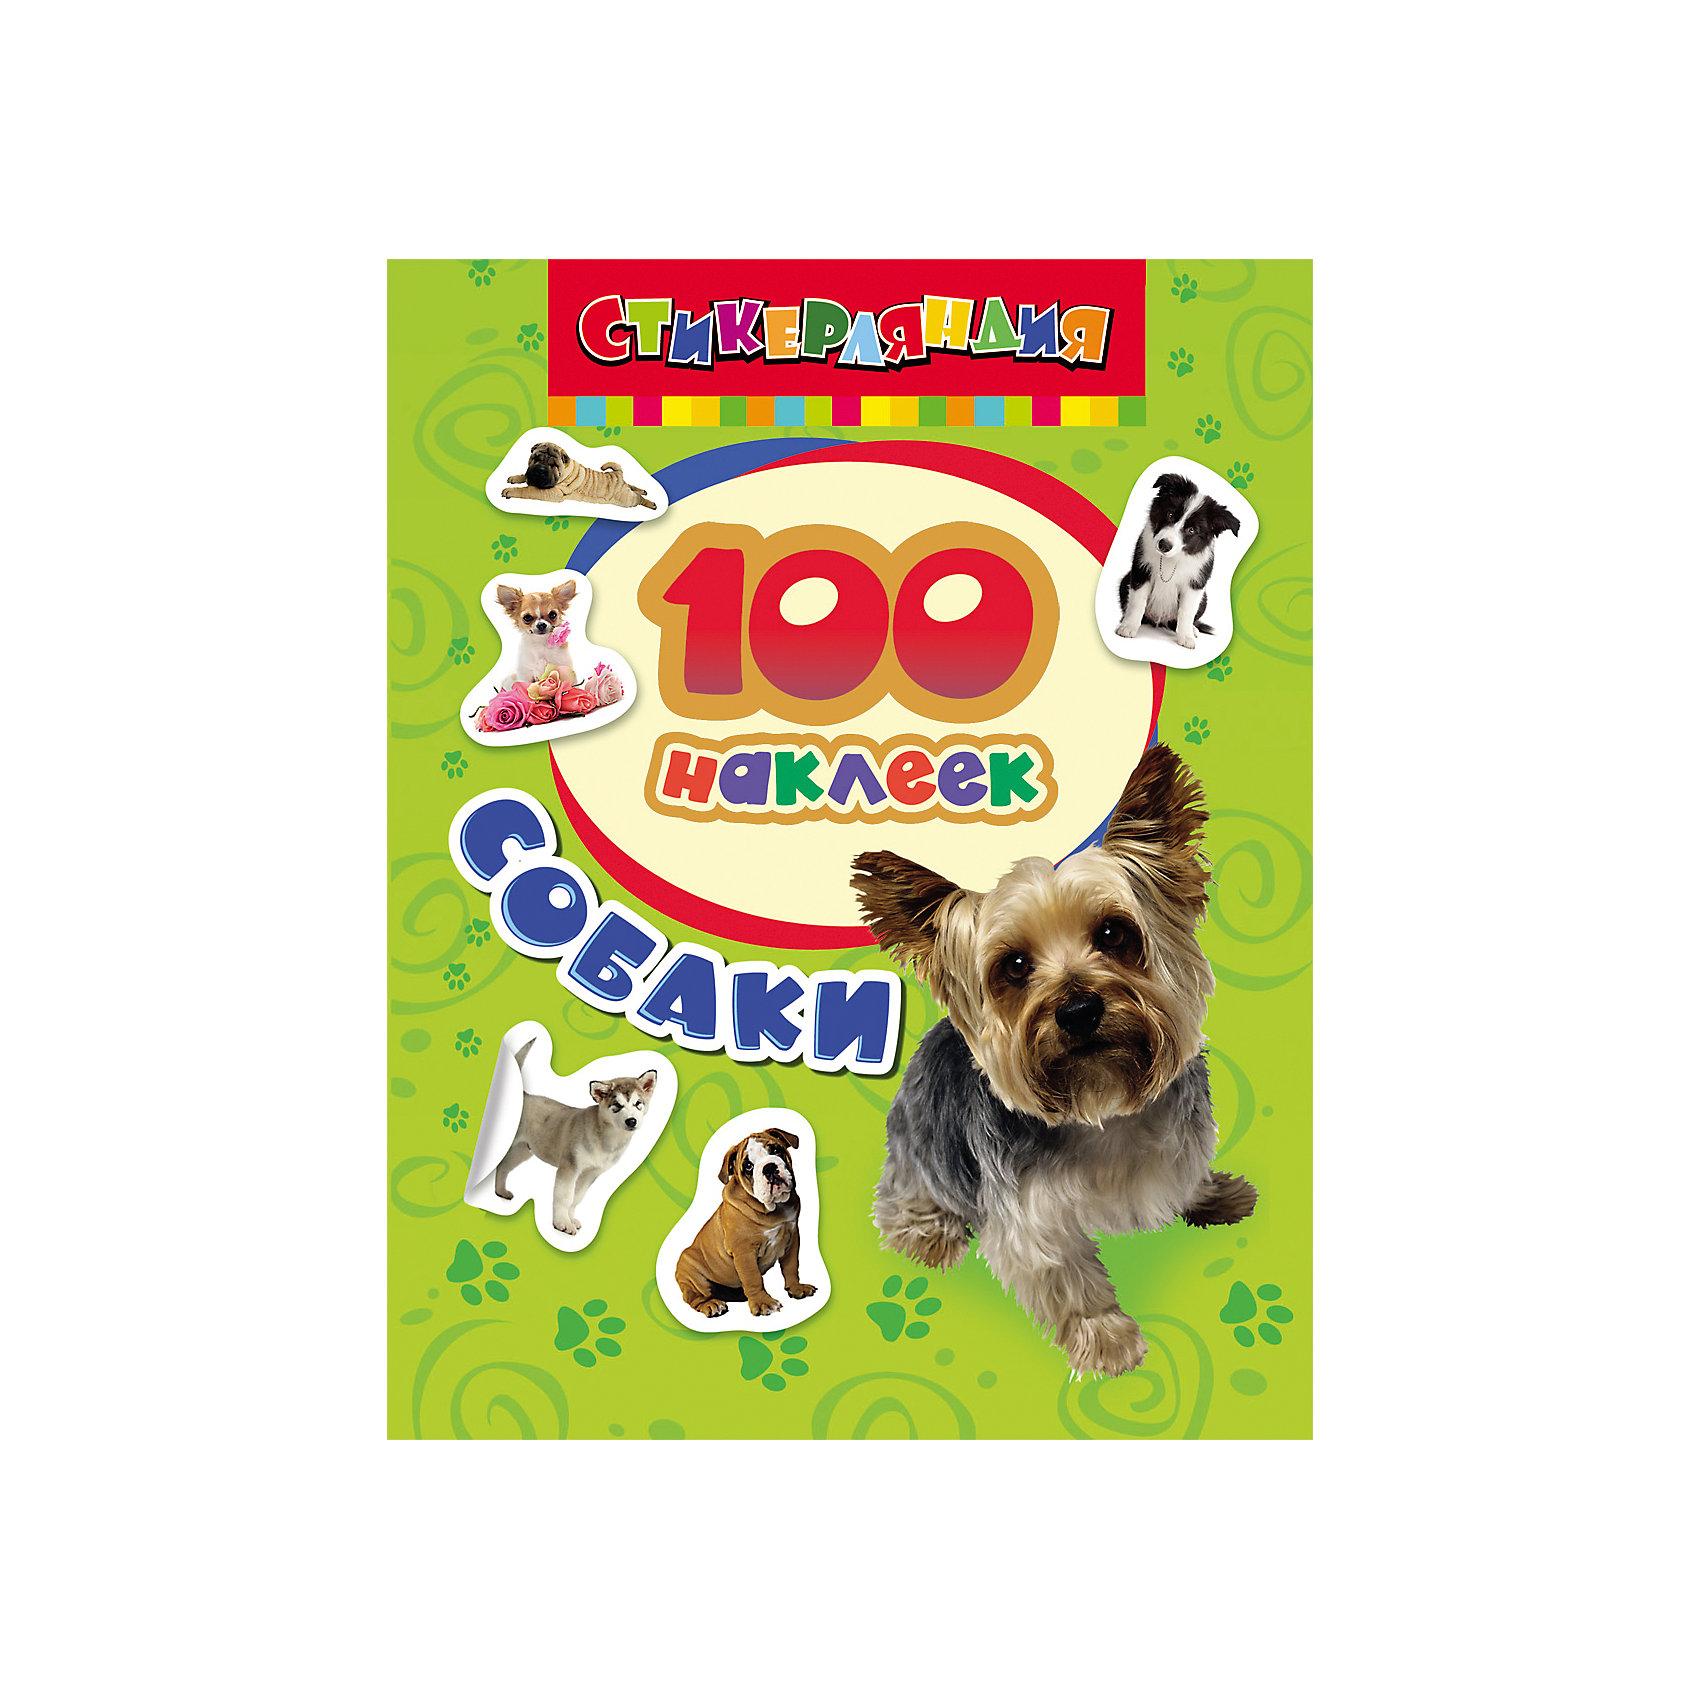 Книга наклеек Стикерляндия— Собаки, 100 наклеекТворчество для малышей<br>Характеристики 100 наклеек.Собаки:<br><br>- возраст: от 3 лет<br>- пол: для мальчиков и девочек<br>- материал: бумага.<br>- количество страниц: 8<br>- размер: 20 * 15 см.<br>- переплет: мягкий.<br>- страна обладатель бренда: Россия.<br><br>Украсить наклейками свои тетради, блокноты, открытки или свою <br>комнату, а еще наклейками можно <br>поделиться с друзьями! Сделай свою жизнь ярче! В набор вошло 100 красочных наклеек с собаками различных пород. Йоркширский терьер, чихуа-хуа, хаски, колли, мопсы и далматинцы - далеко не полный список забавных зверушек, с которыми можно делать все, что угодно! Яркие и красивые наклейки не оставят никого равнодушным! <br><br>100 наклеек.Собаки издательства Росмэн можно купить в нашем интернет-магазине.<br><br>Ширина мм: 200<br>Глубина мм: 150<br>Высота мм: 2<br>Вес г: 36<br>Возраст от месяцев: 36<br>Возраст до месяцев: 72<br>Пол: Унисекс<br>Возраст: Детский<br>SKU: 5109770